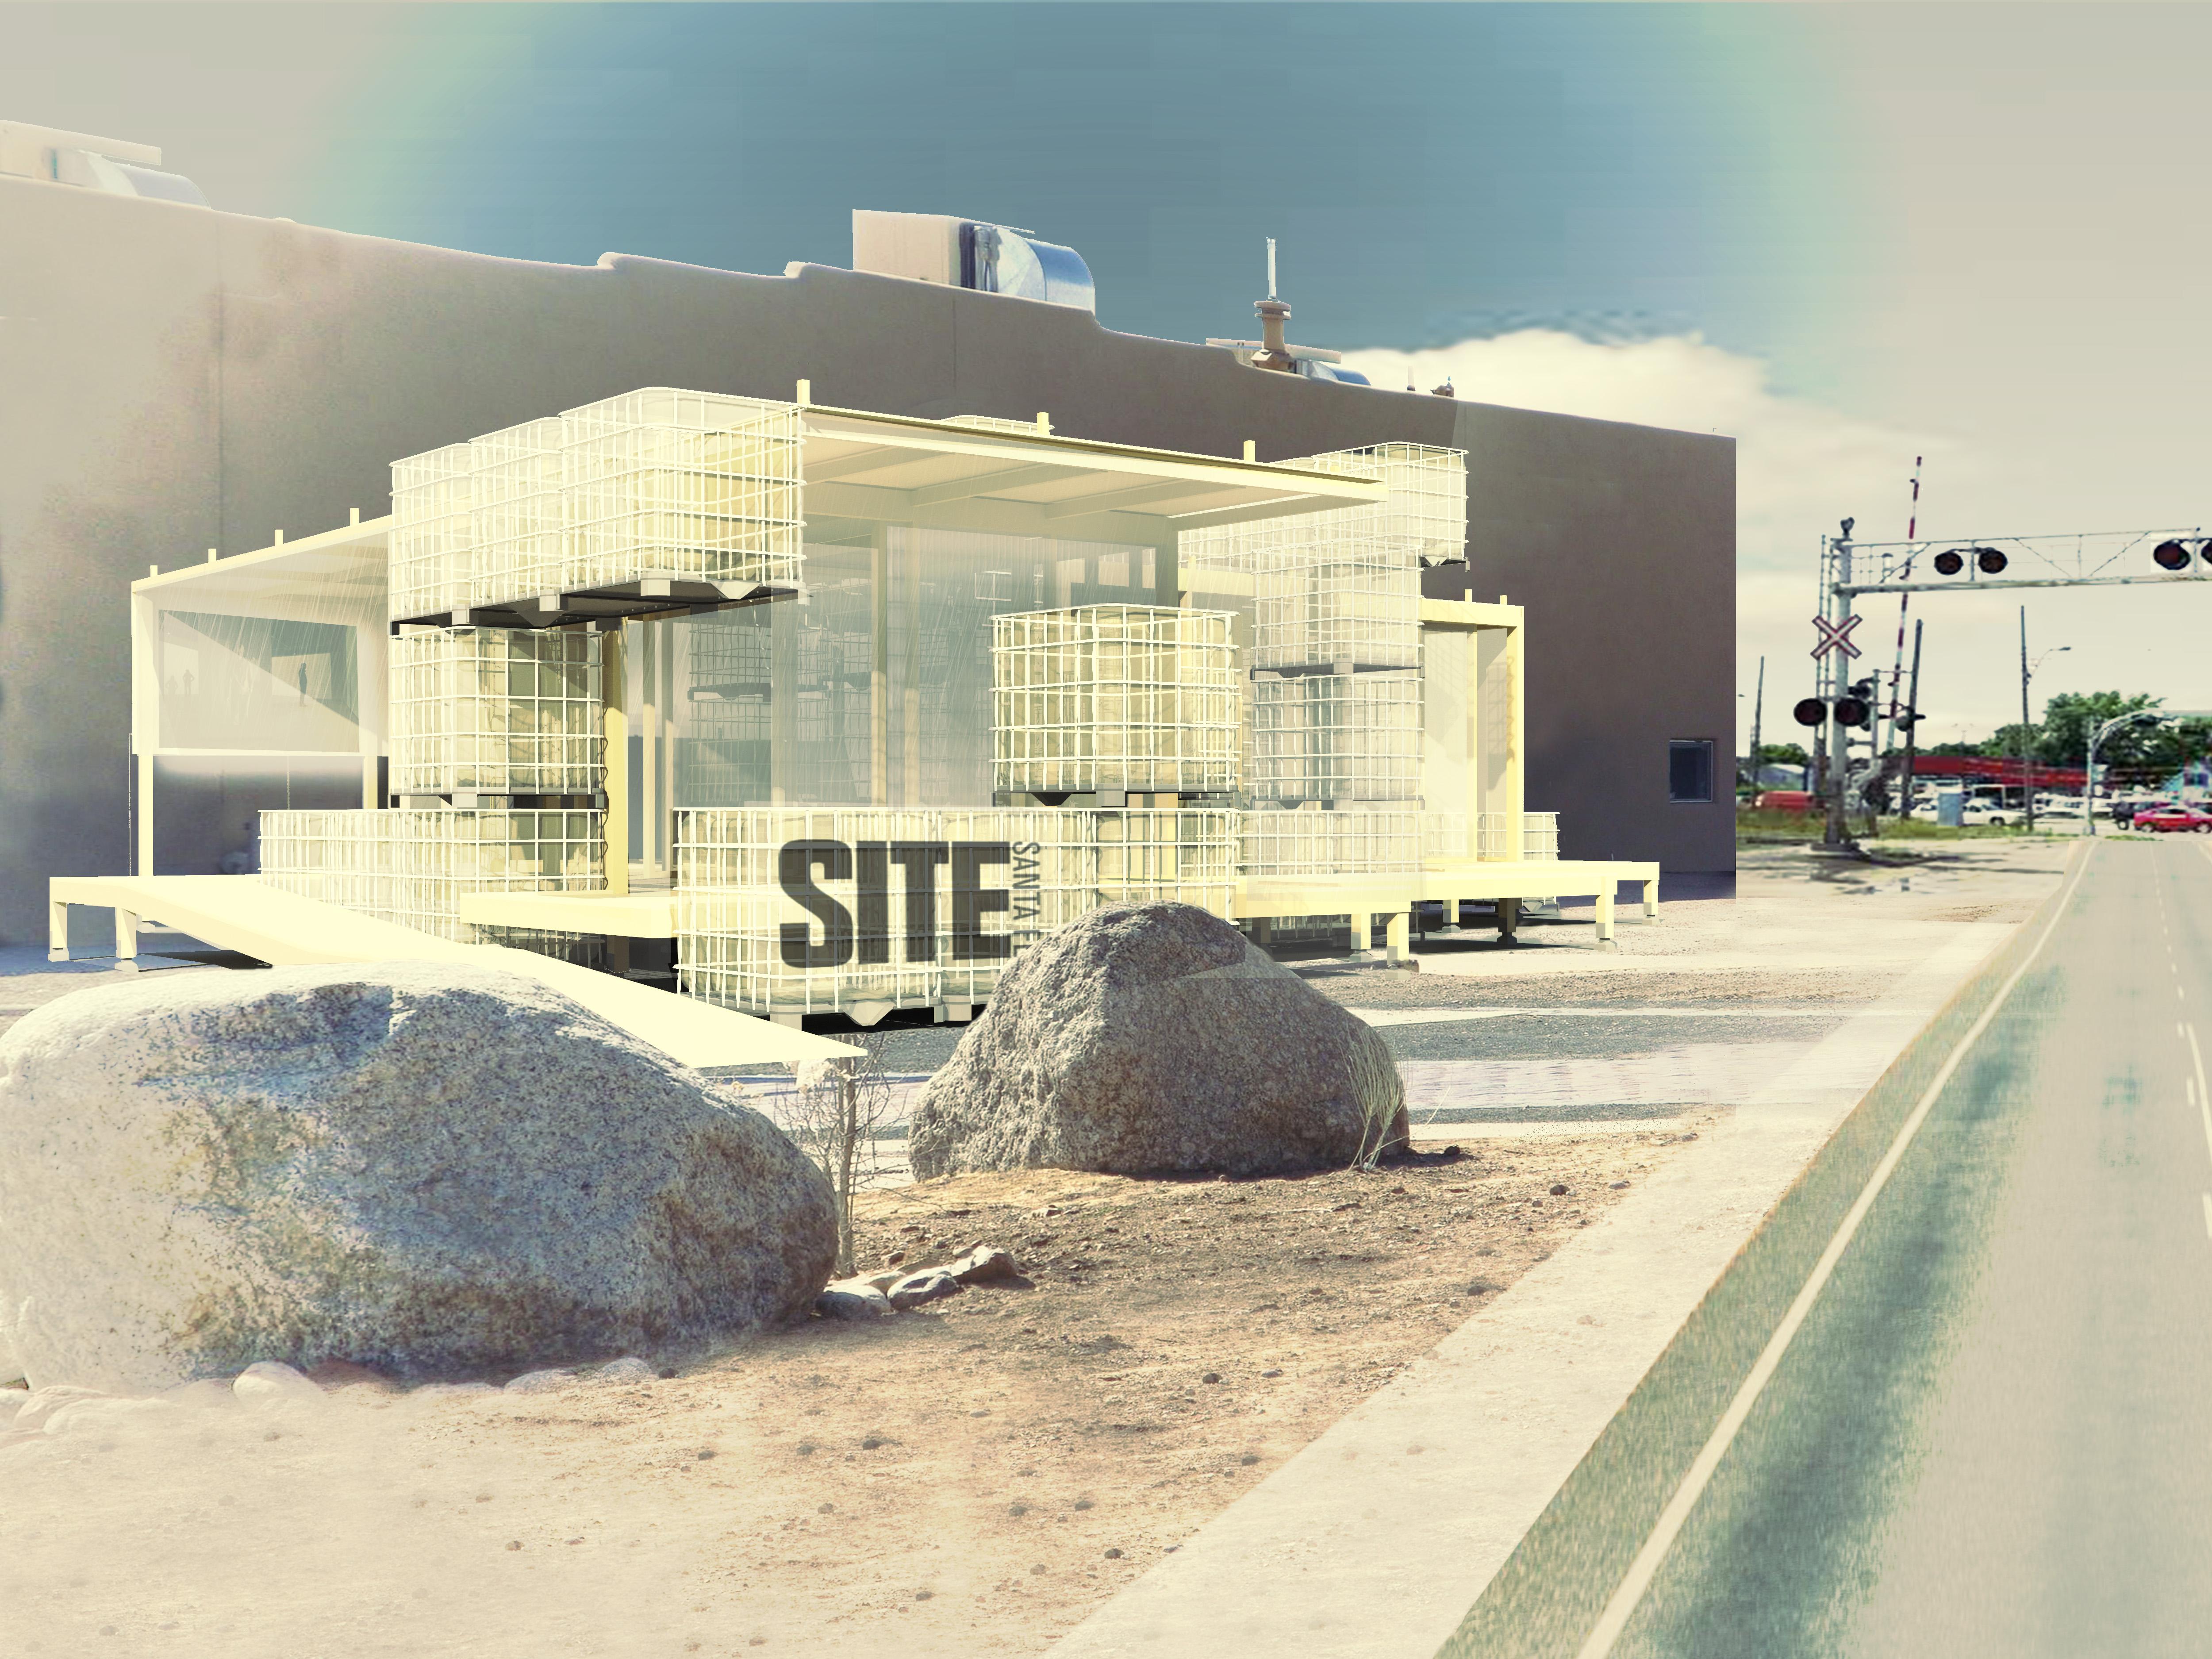 SITE Santa Fe - 2014 Biennial Pavilion Competition